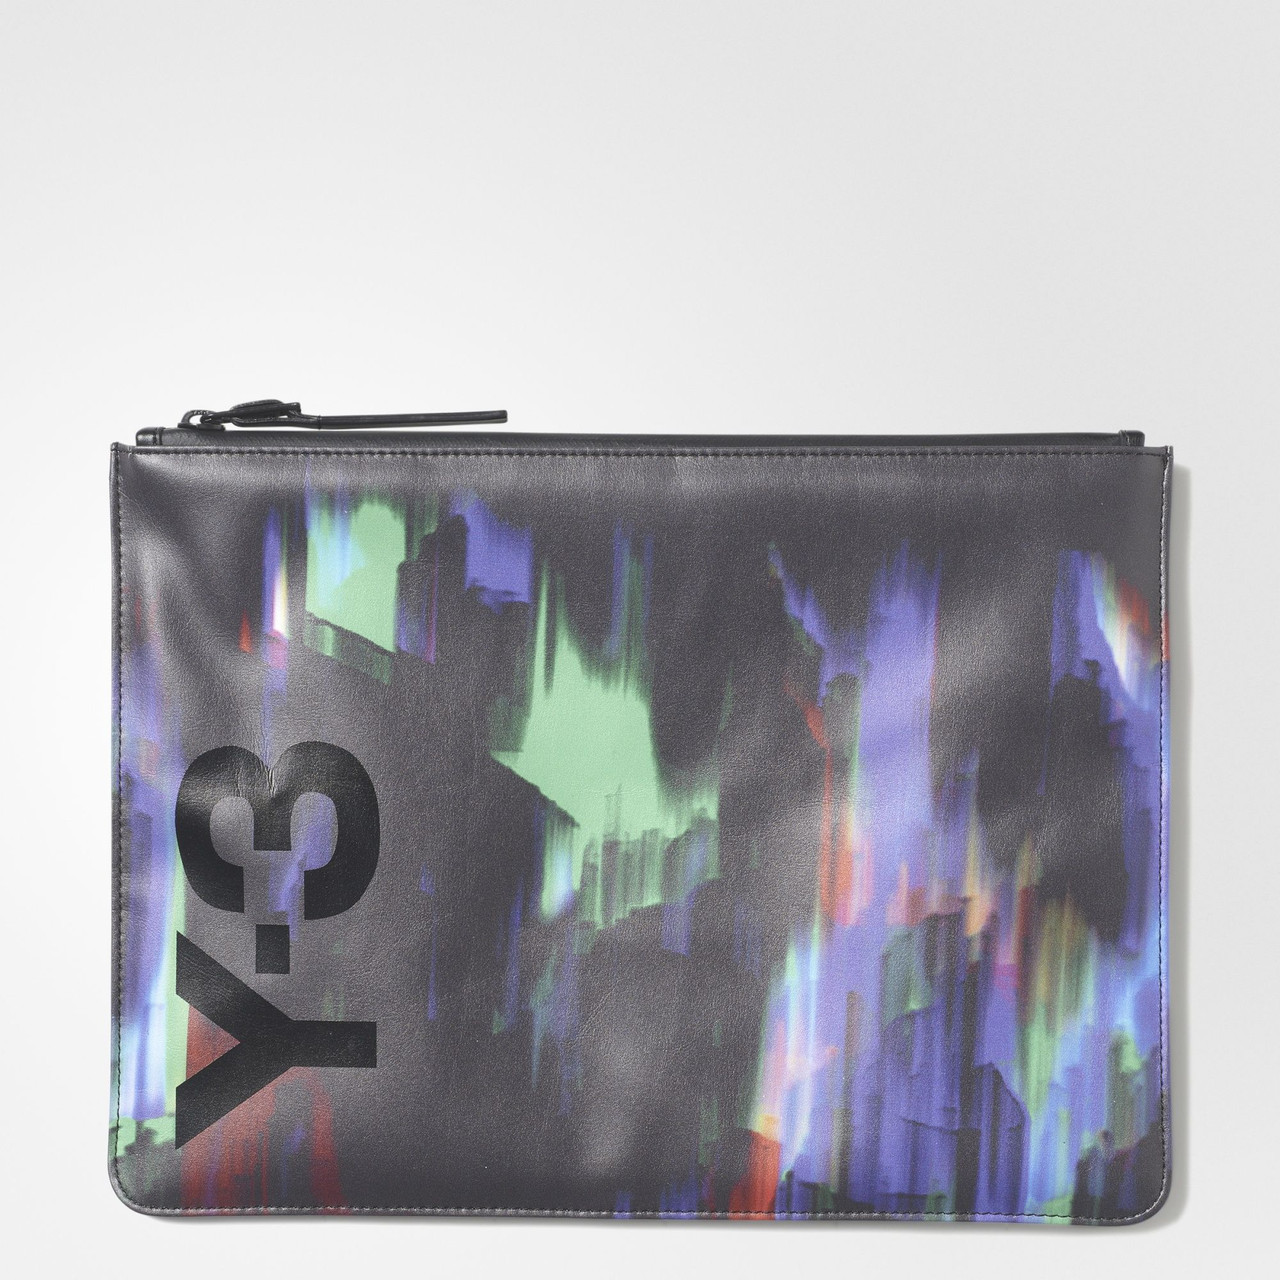 Чехол для документов Adidas Y-3 Doc Pouch (Артикул: AZ8762) - Интернет-магазин «Эксперт» в Киеве